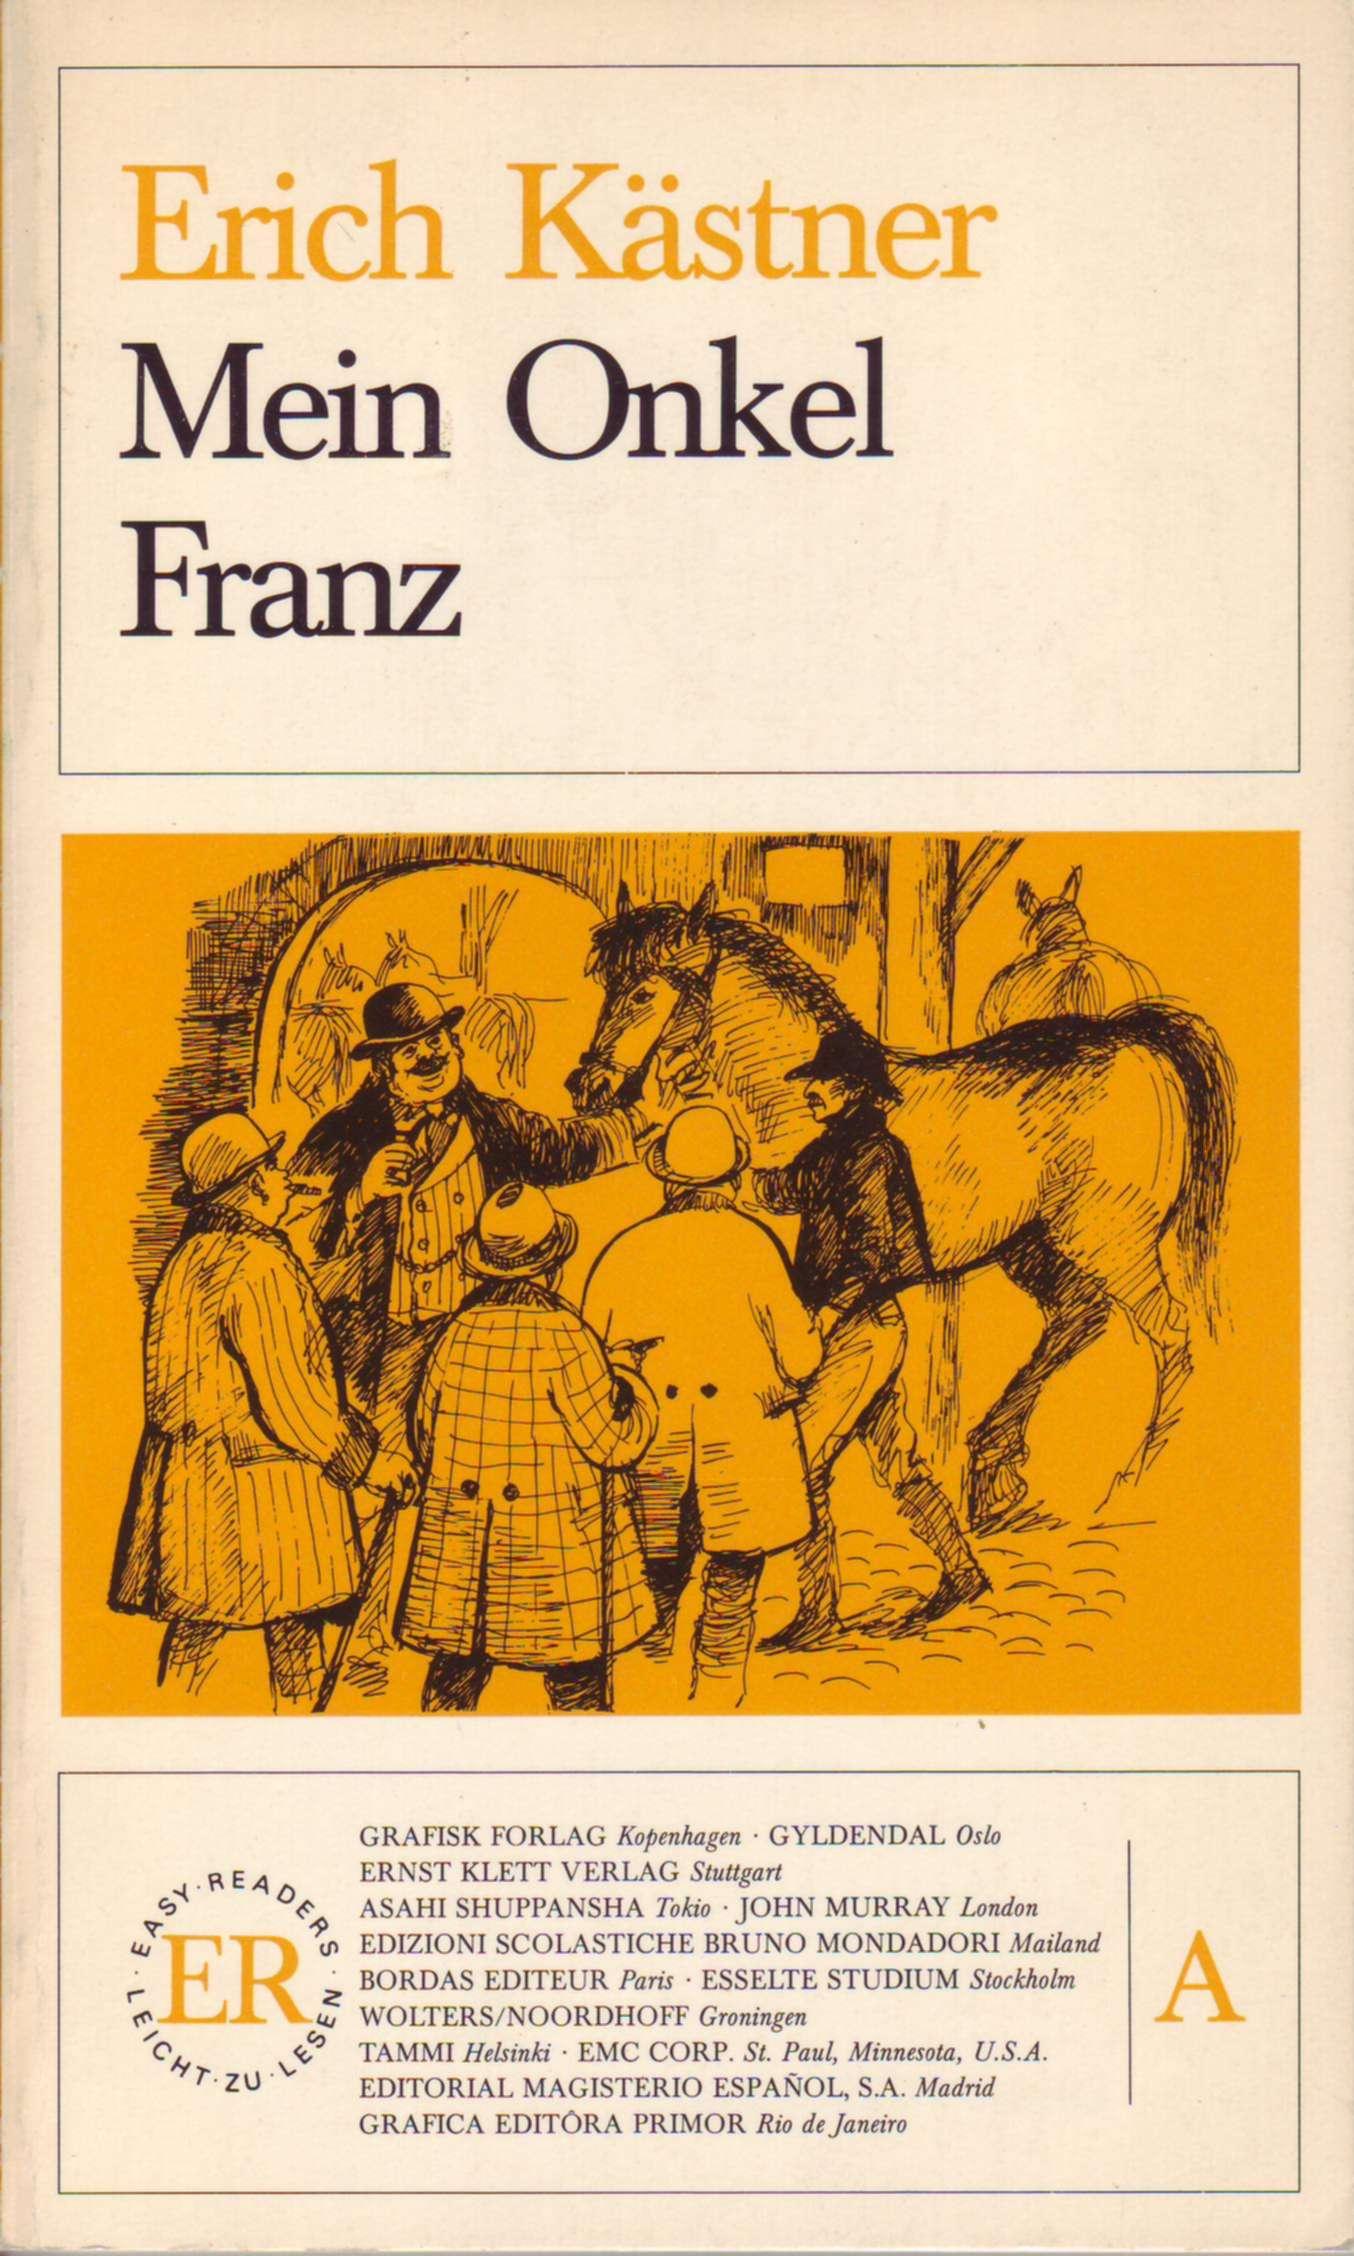 Mein Onkel Franz